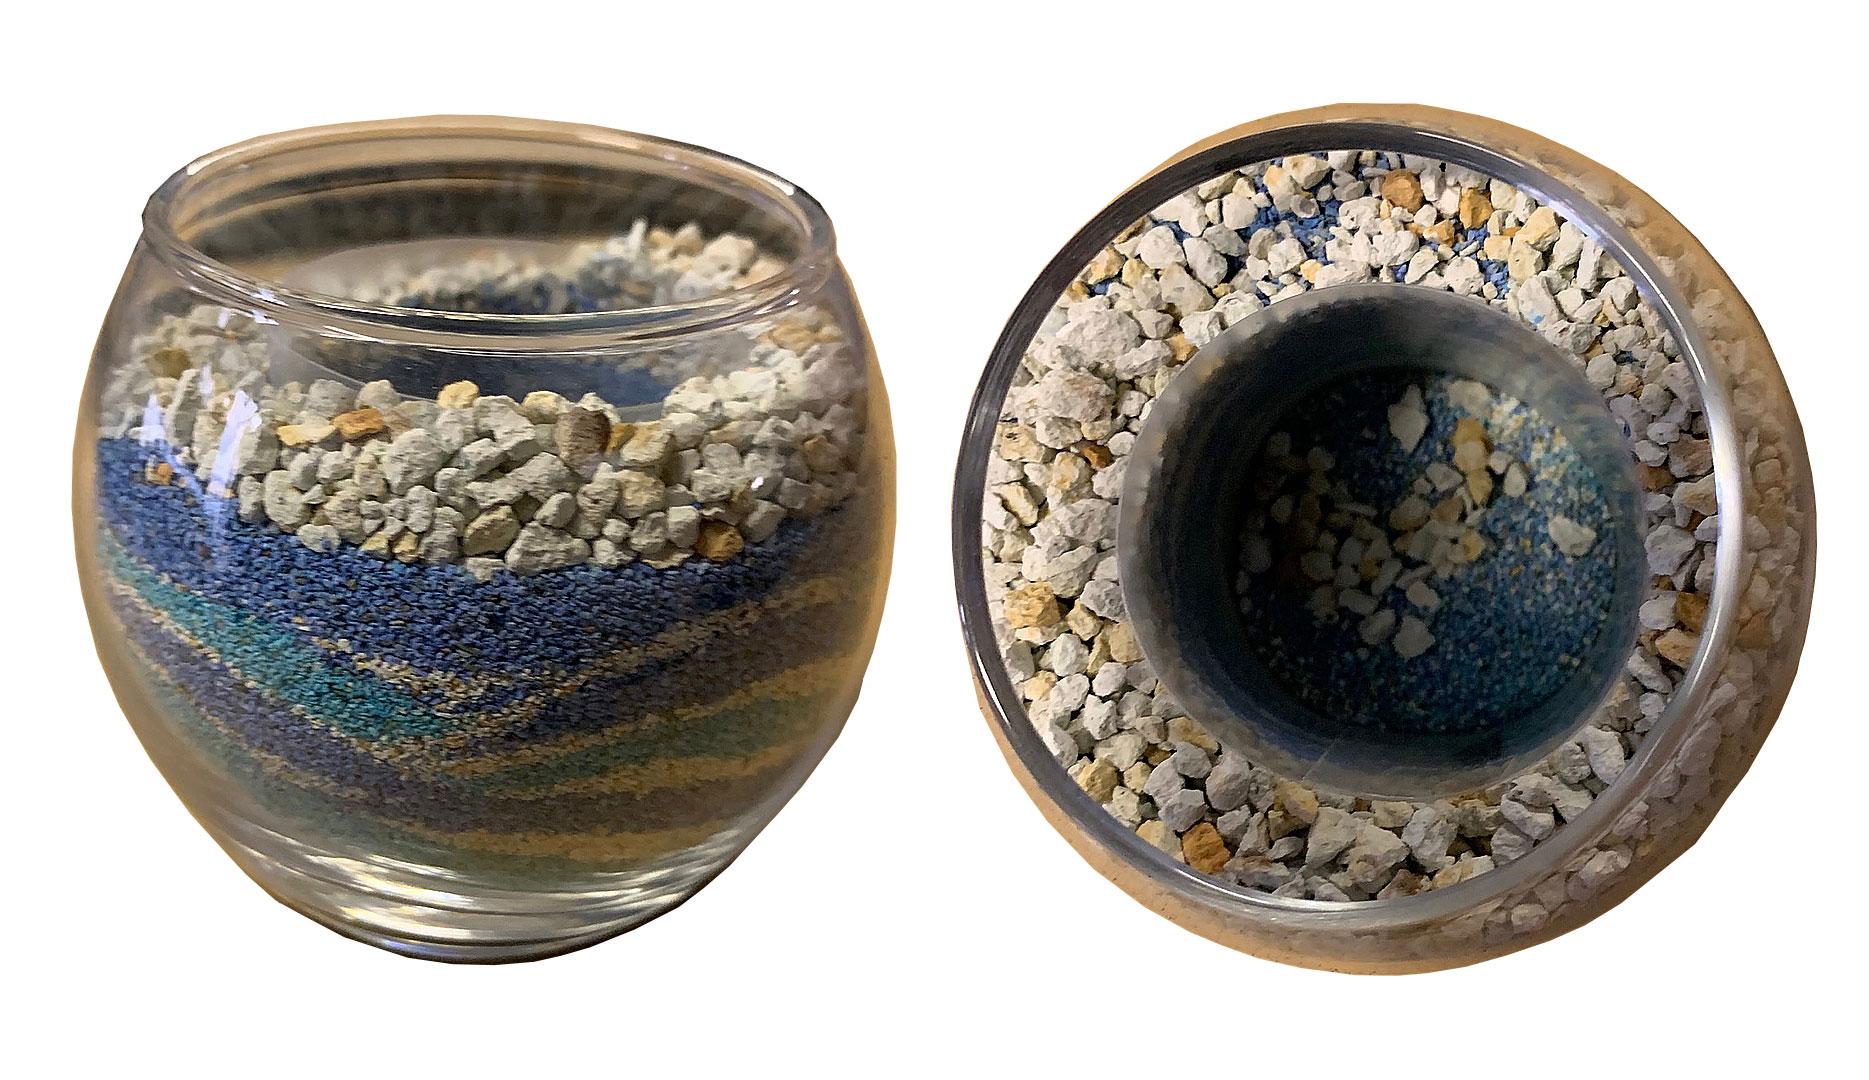 カラフルで綺麗なハイドロカルチャーのガラスの器と鉢の構造